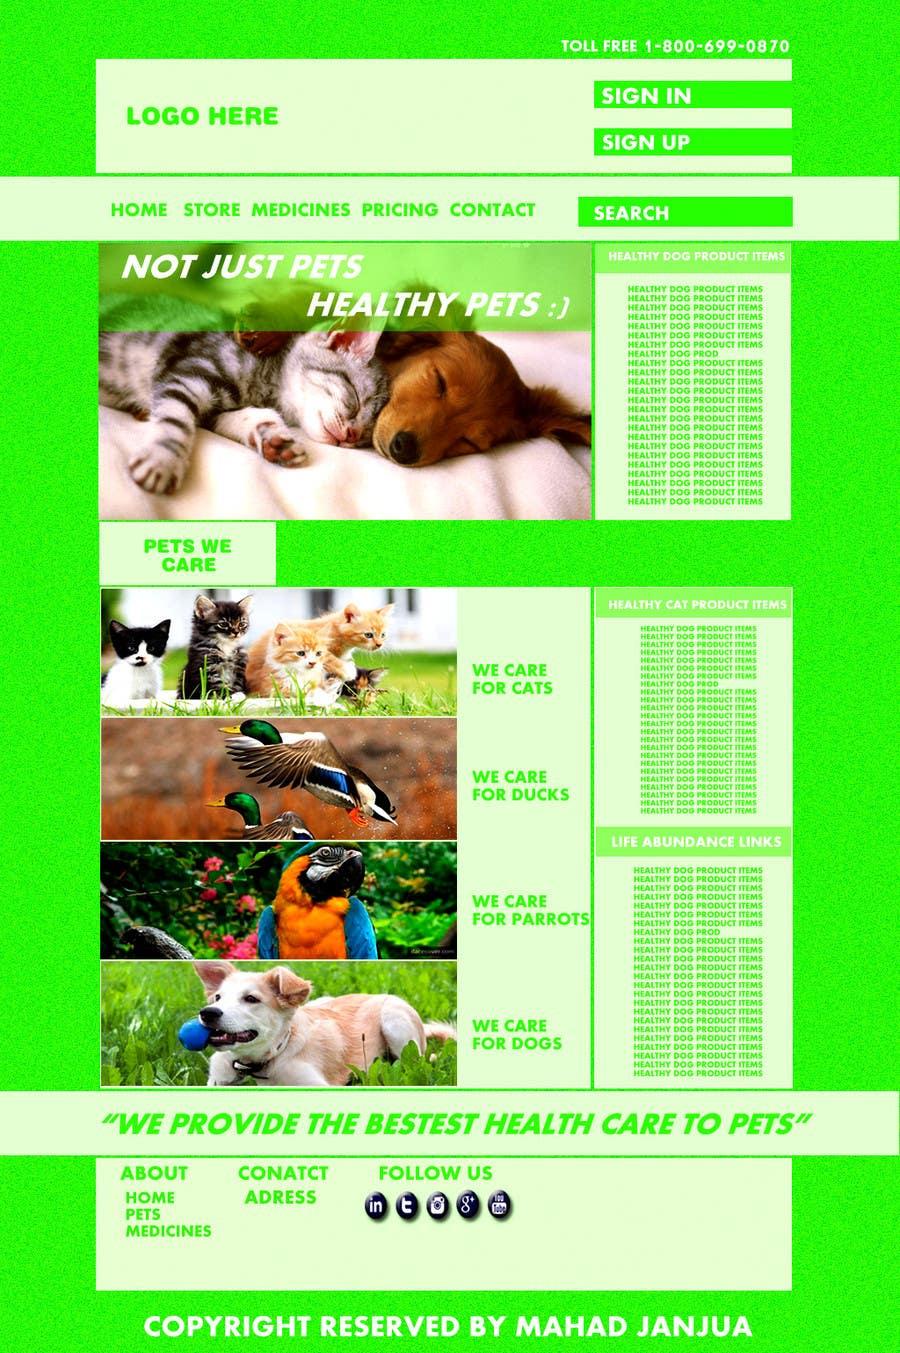 Penyertaan Peraduan #                                        2                                      untuk                                         Design a Wordpress Mockup for Pet Food Website